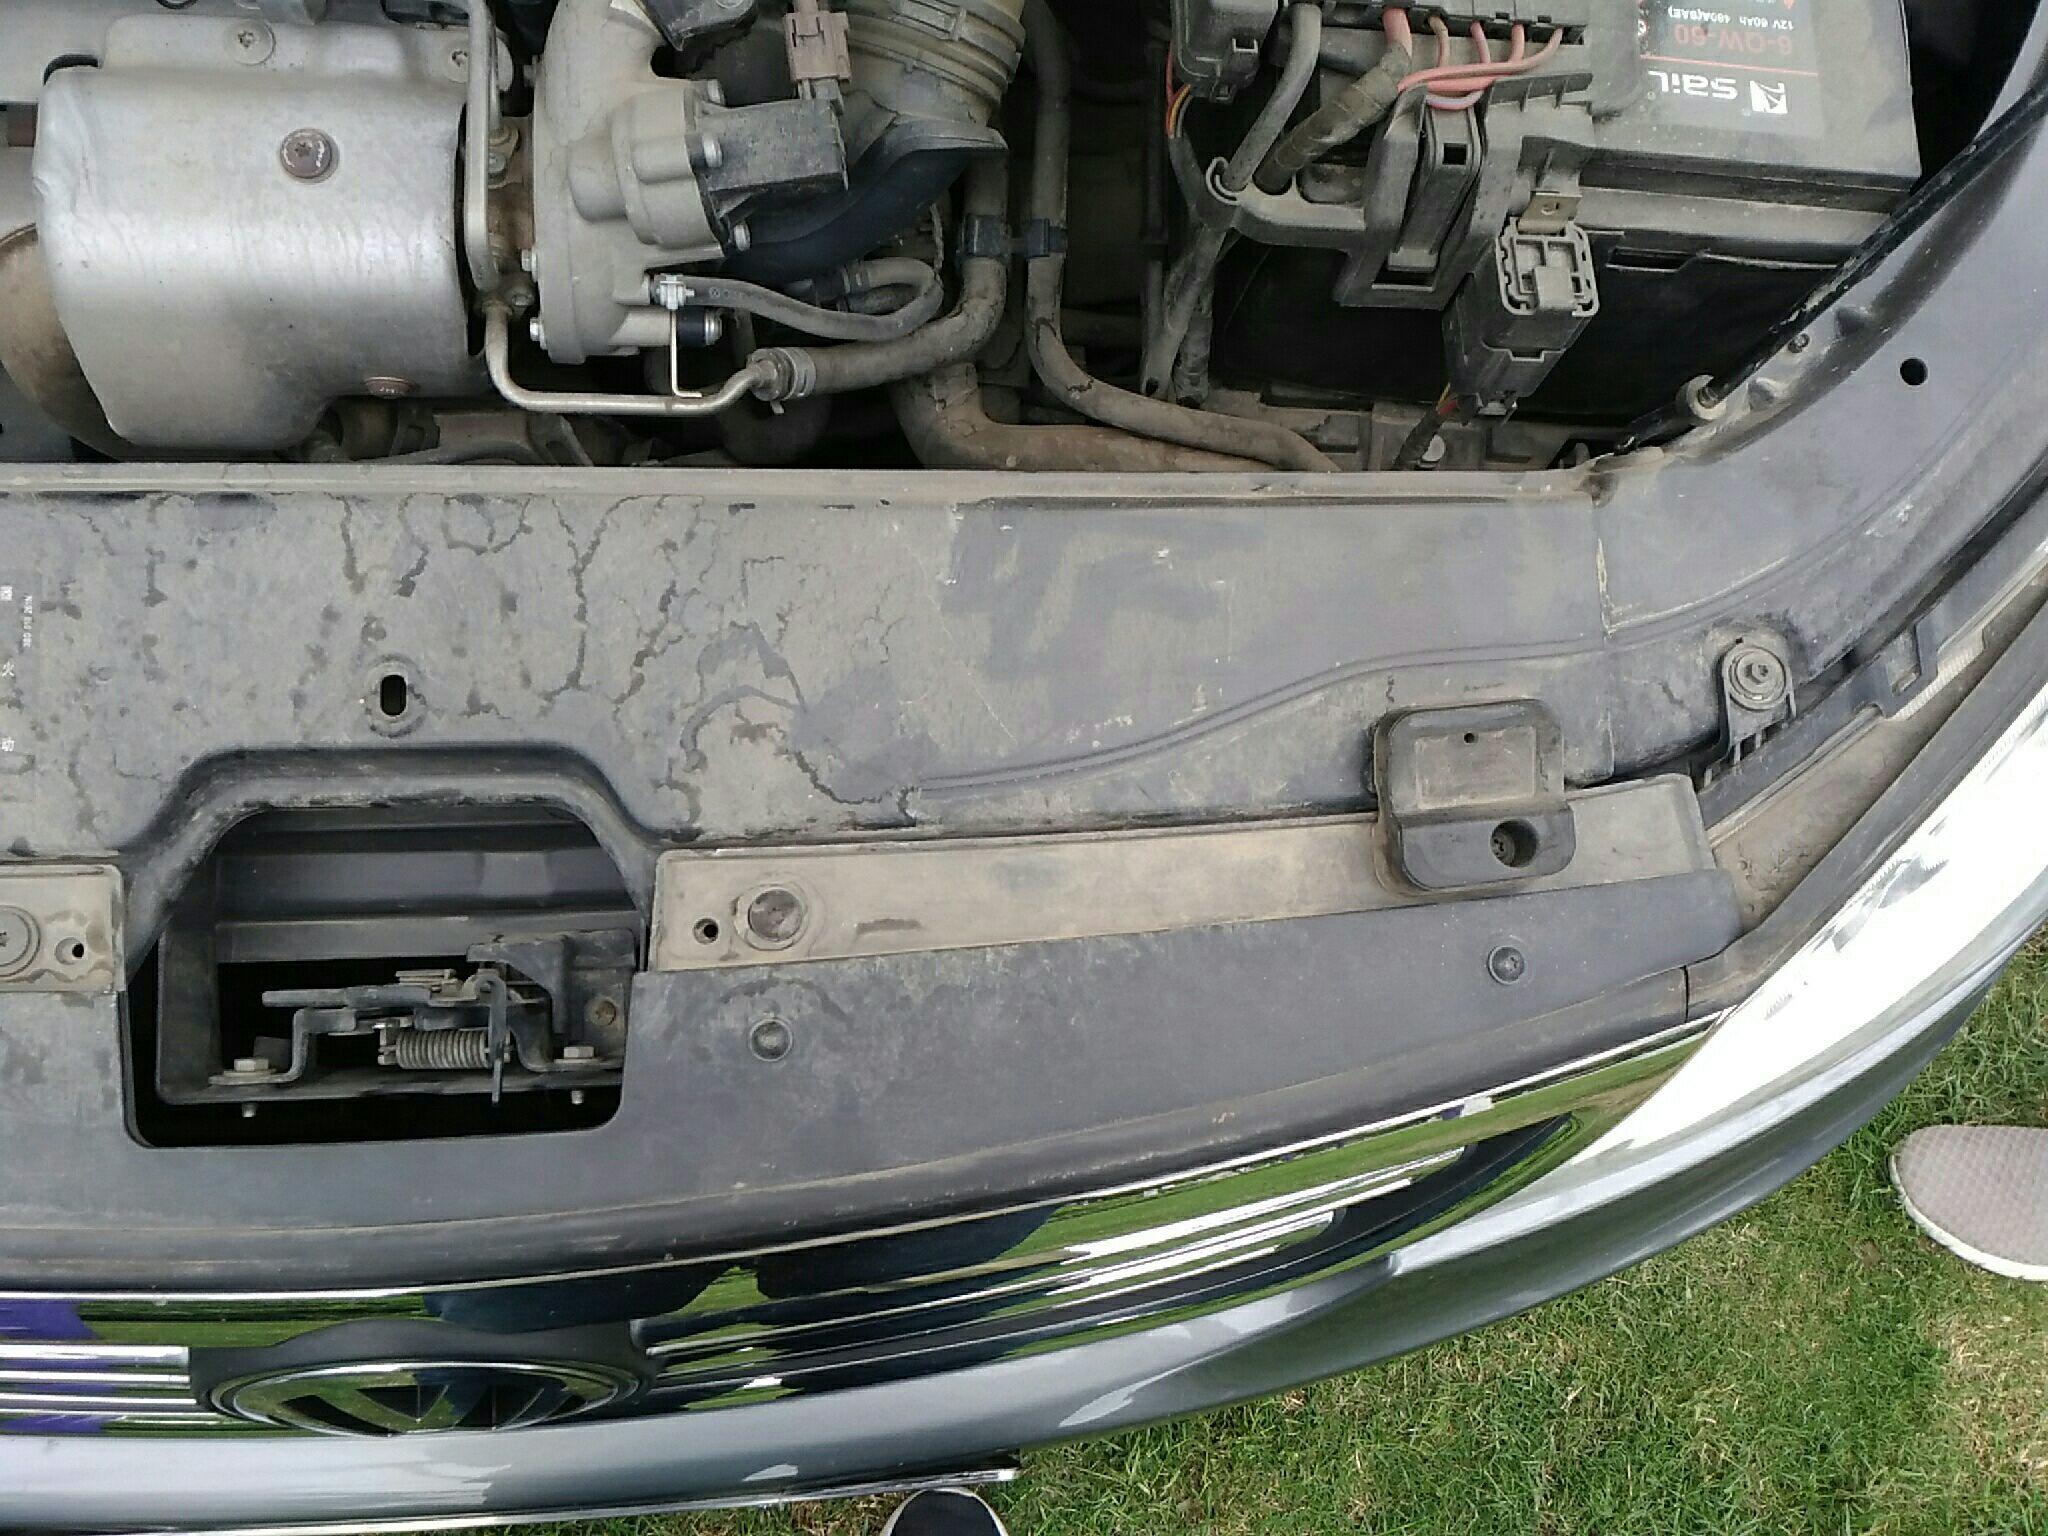 丽水二手大众朗逸 > 大众朗逸 2011  车头轻微的碰撞会导致水箱框架